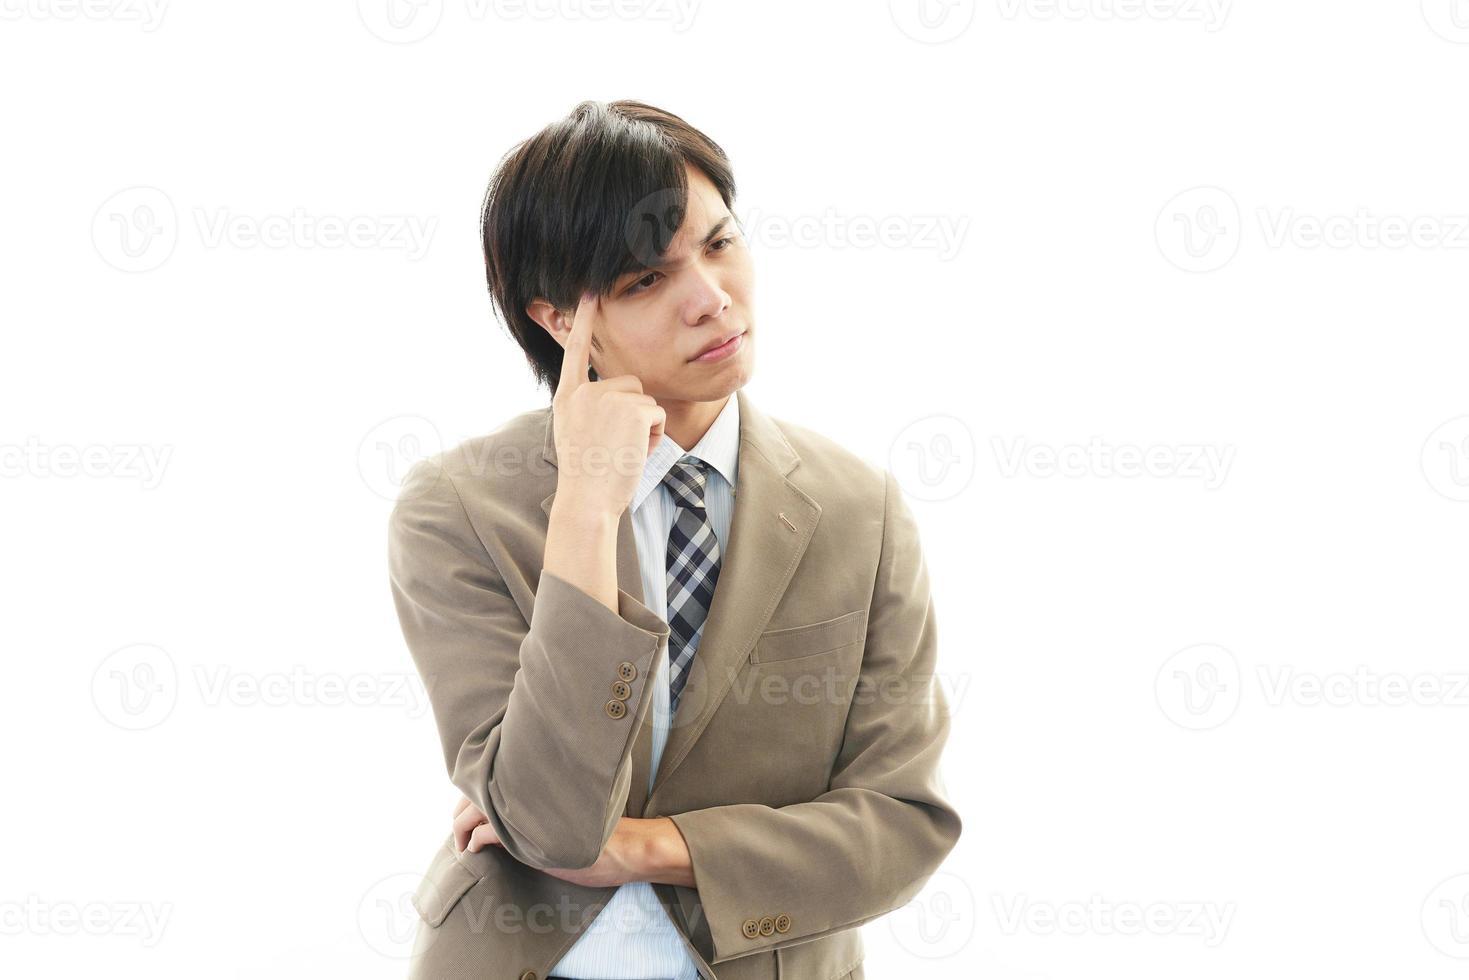 beklemtoonde Aziatische zakenman foto